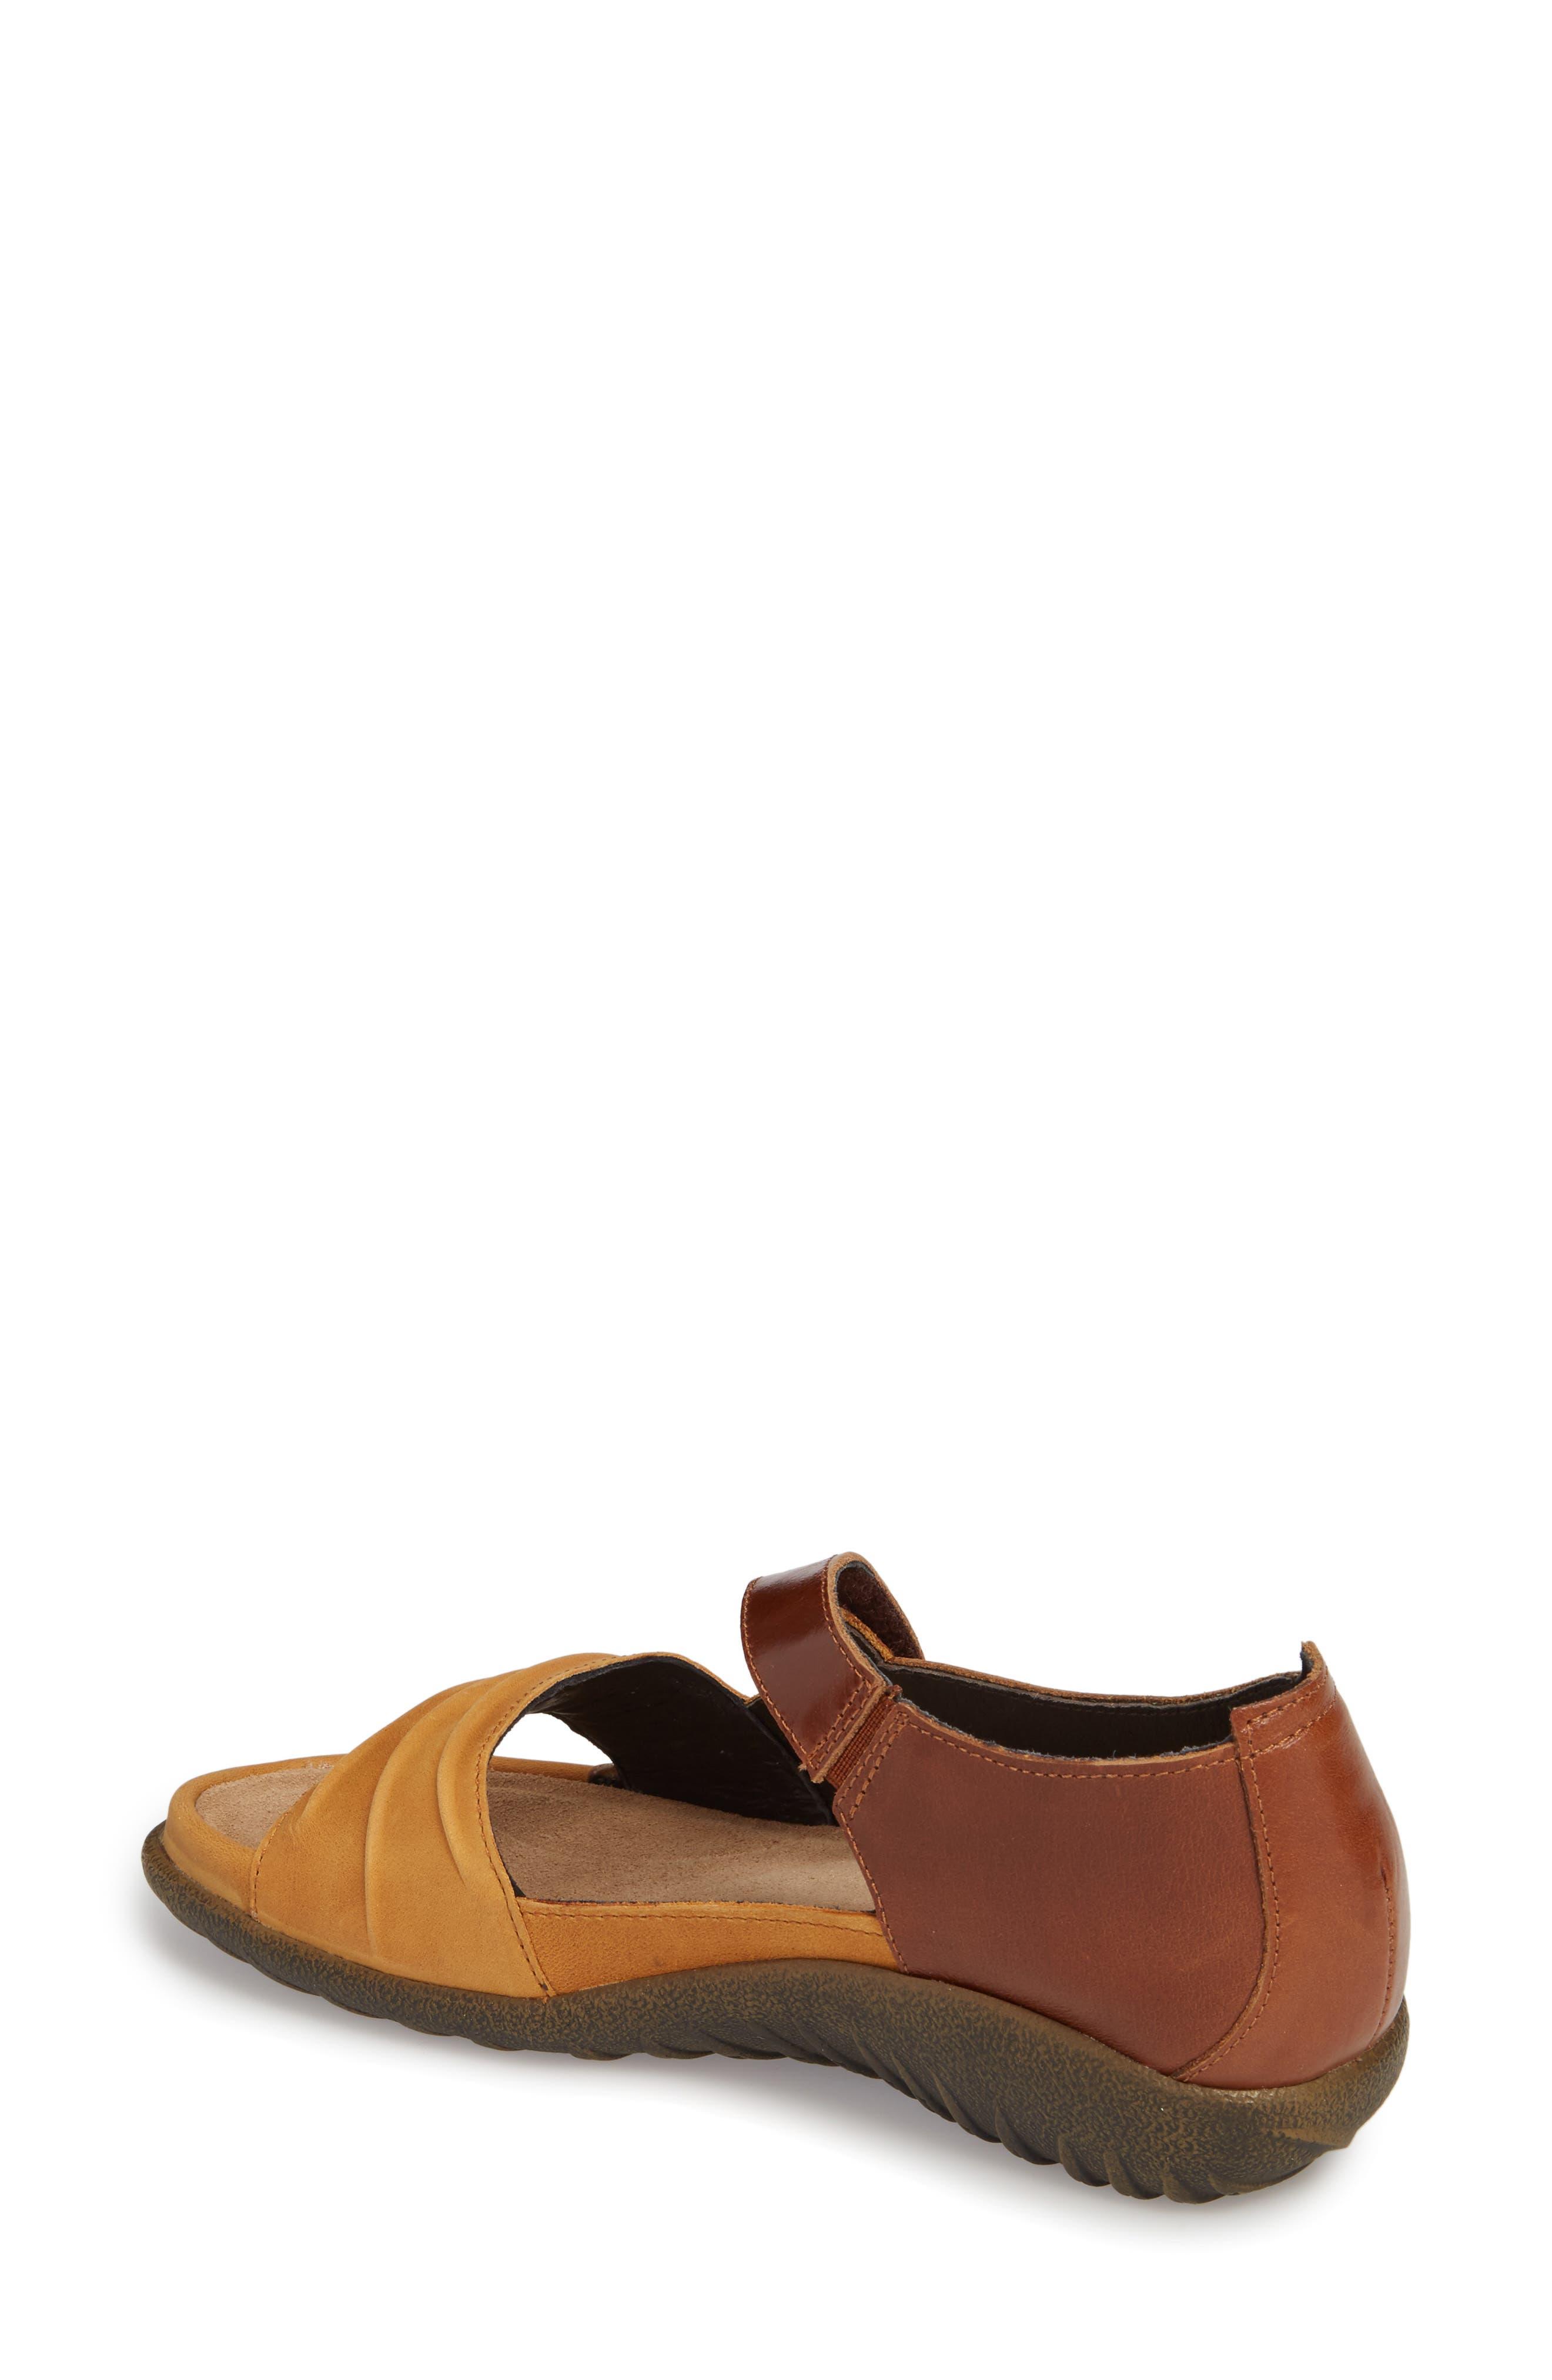 'Papaki' Sandal,                             Alternate thumbnail 2, color,                             Oily Dune Nubuck